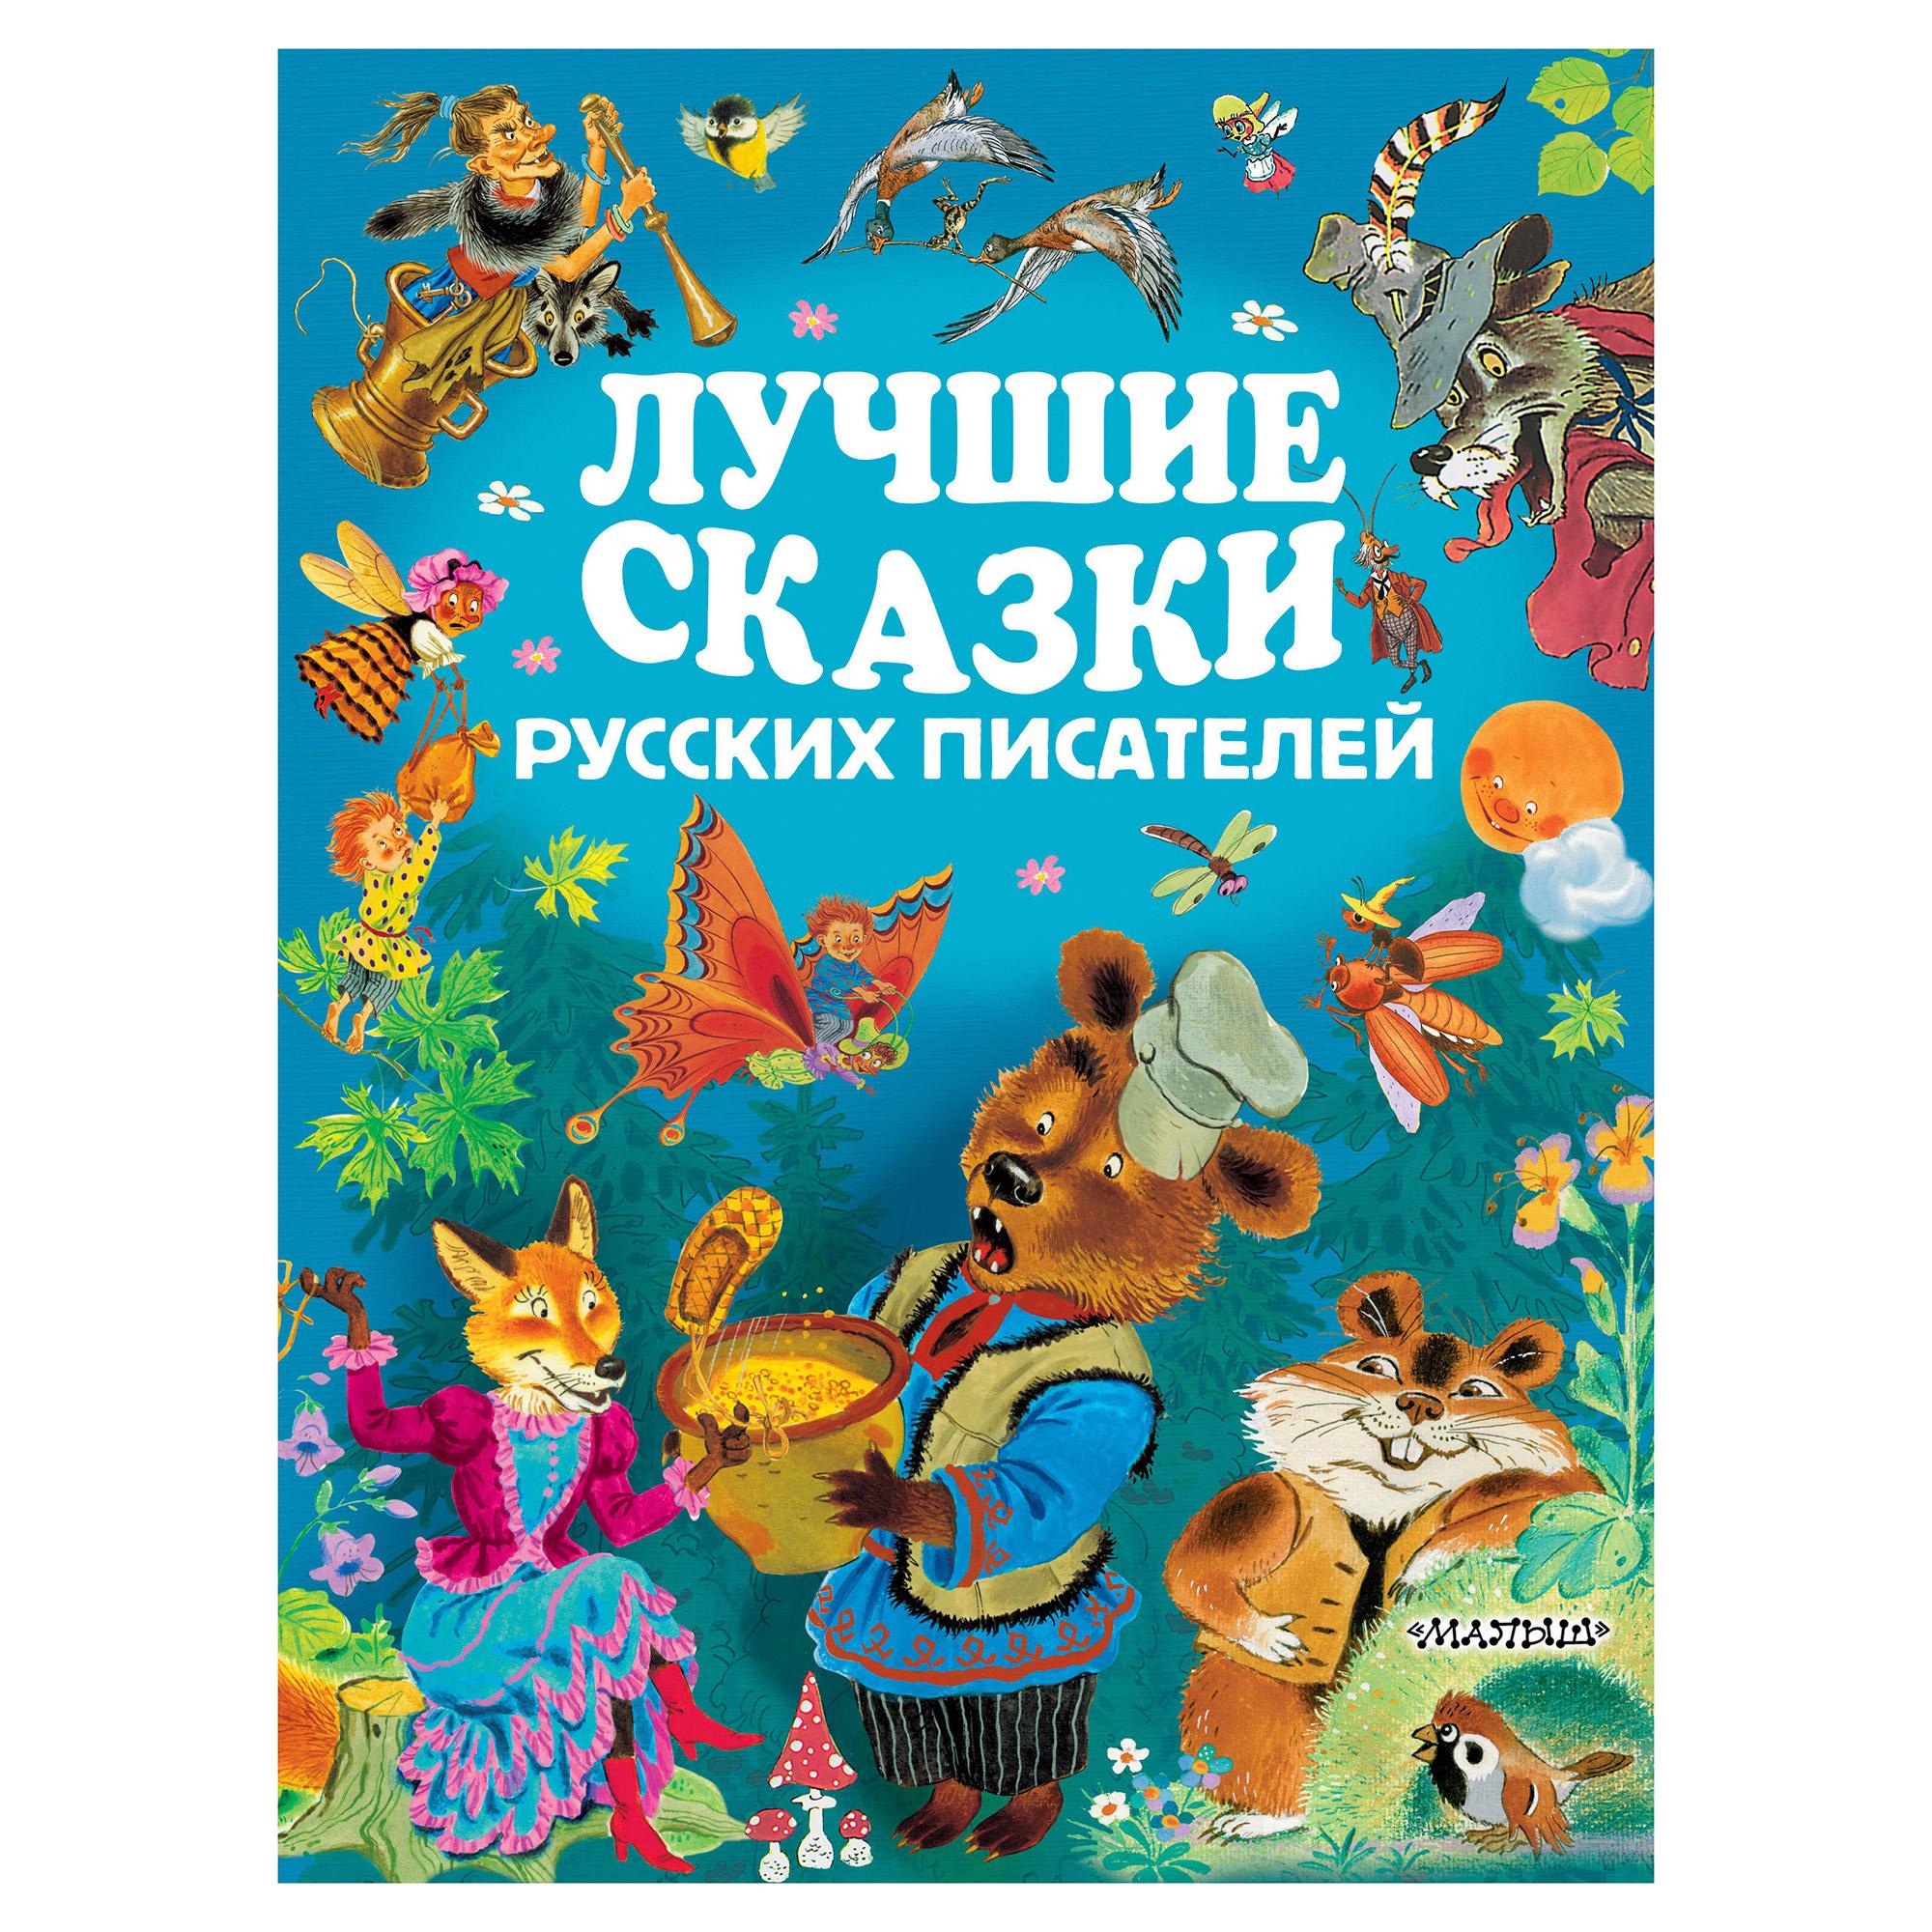 Купить Книга АСТ Лучшие сказки русских писателей,